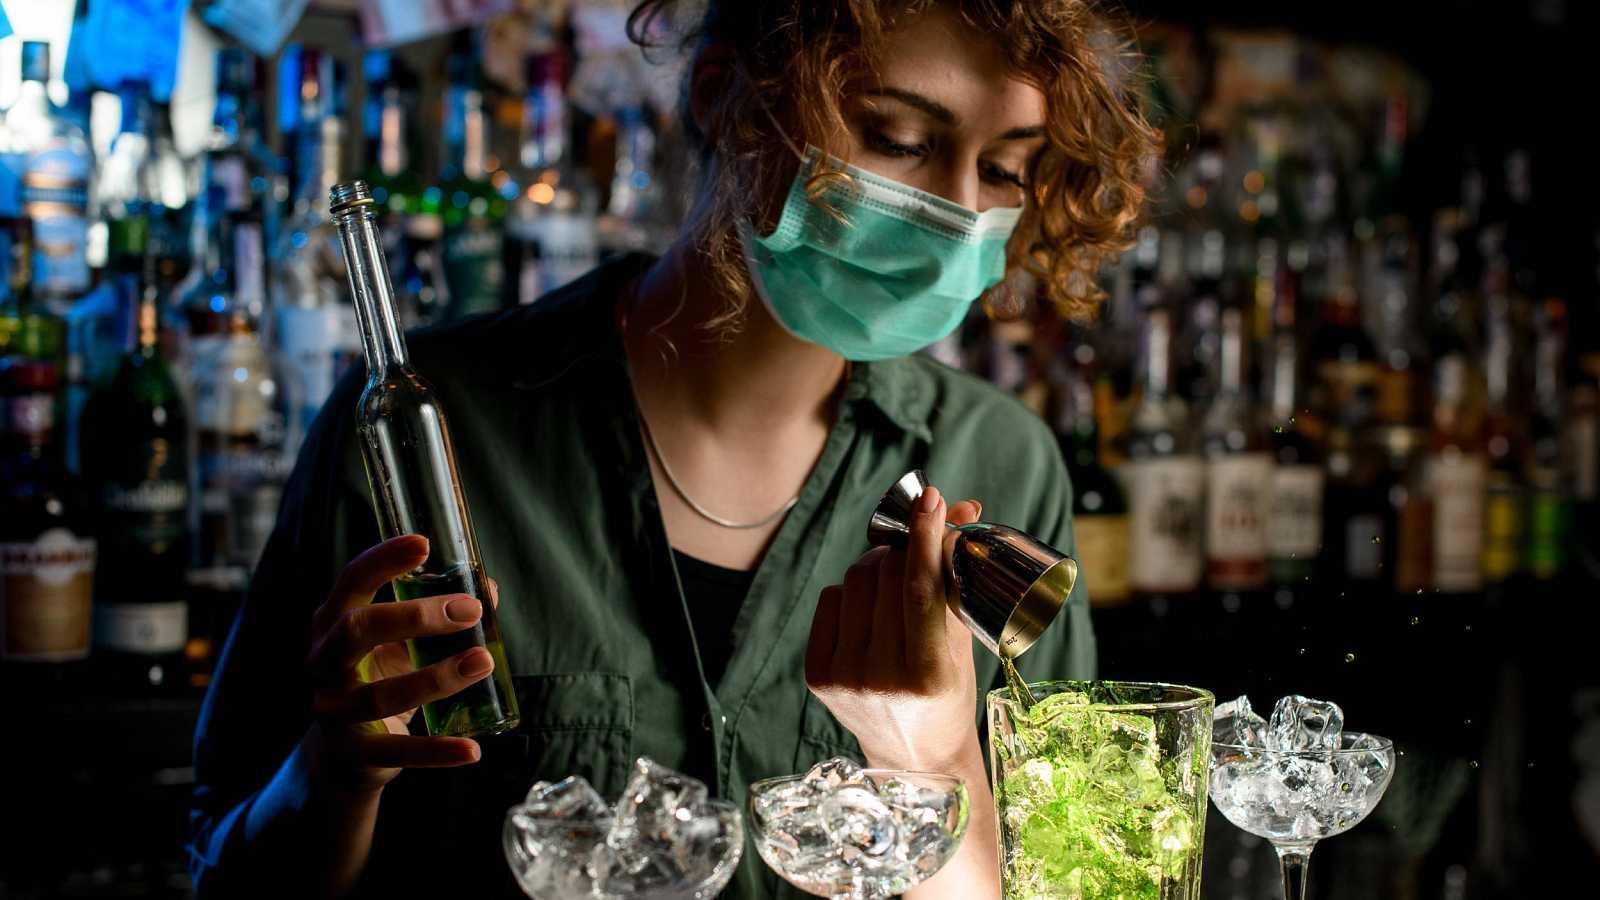 Los locales de ocio nocturno de Madrid cierran este fin de semana para protestar por las medidas contra el coronavirus